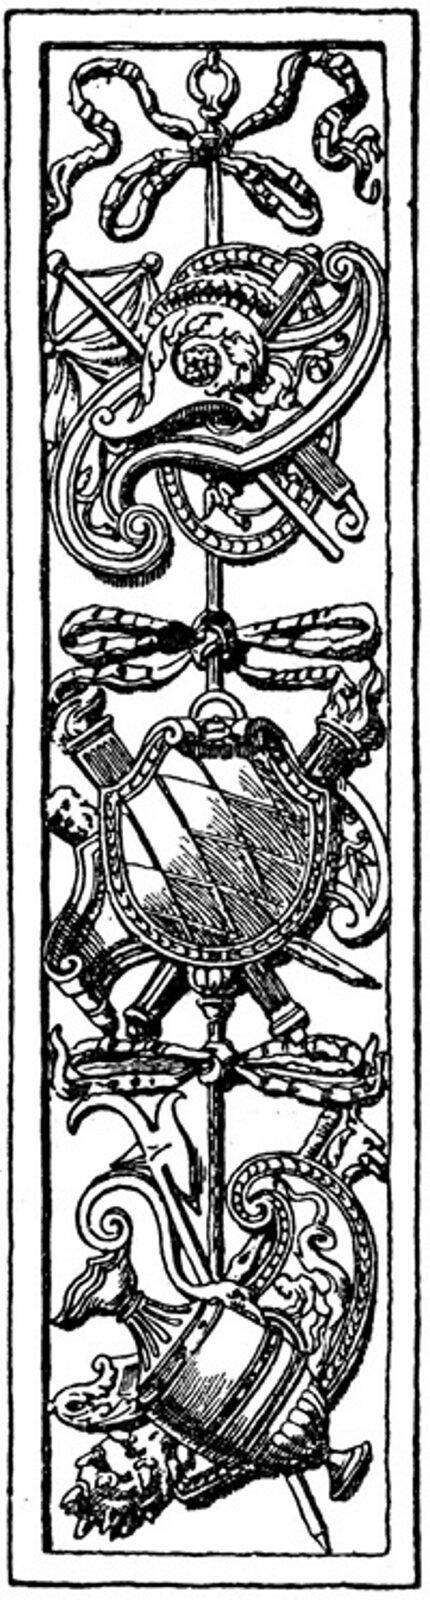 Ilustracja przedstawiająca ornament – panoplia. Element dekoracyjny naszkicowany jest czarnym kolorem bez wypełenień. Na ornamencie widoczne są rzeczy tj. zaczynając od góry: coś co kształtem przypomina kuszę, maska. Wśrodkowej części widoczny jest miecz ztarczą, awdolnej części wazon.